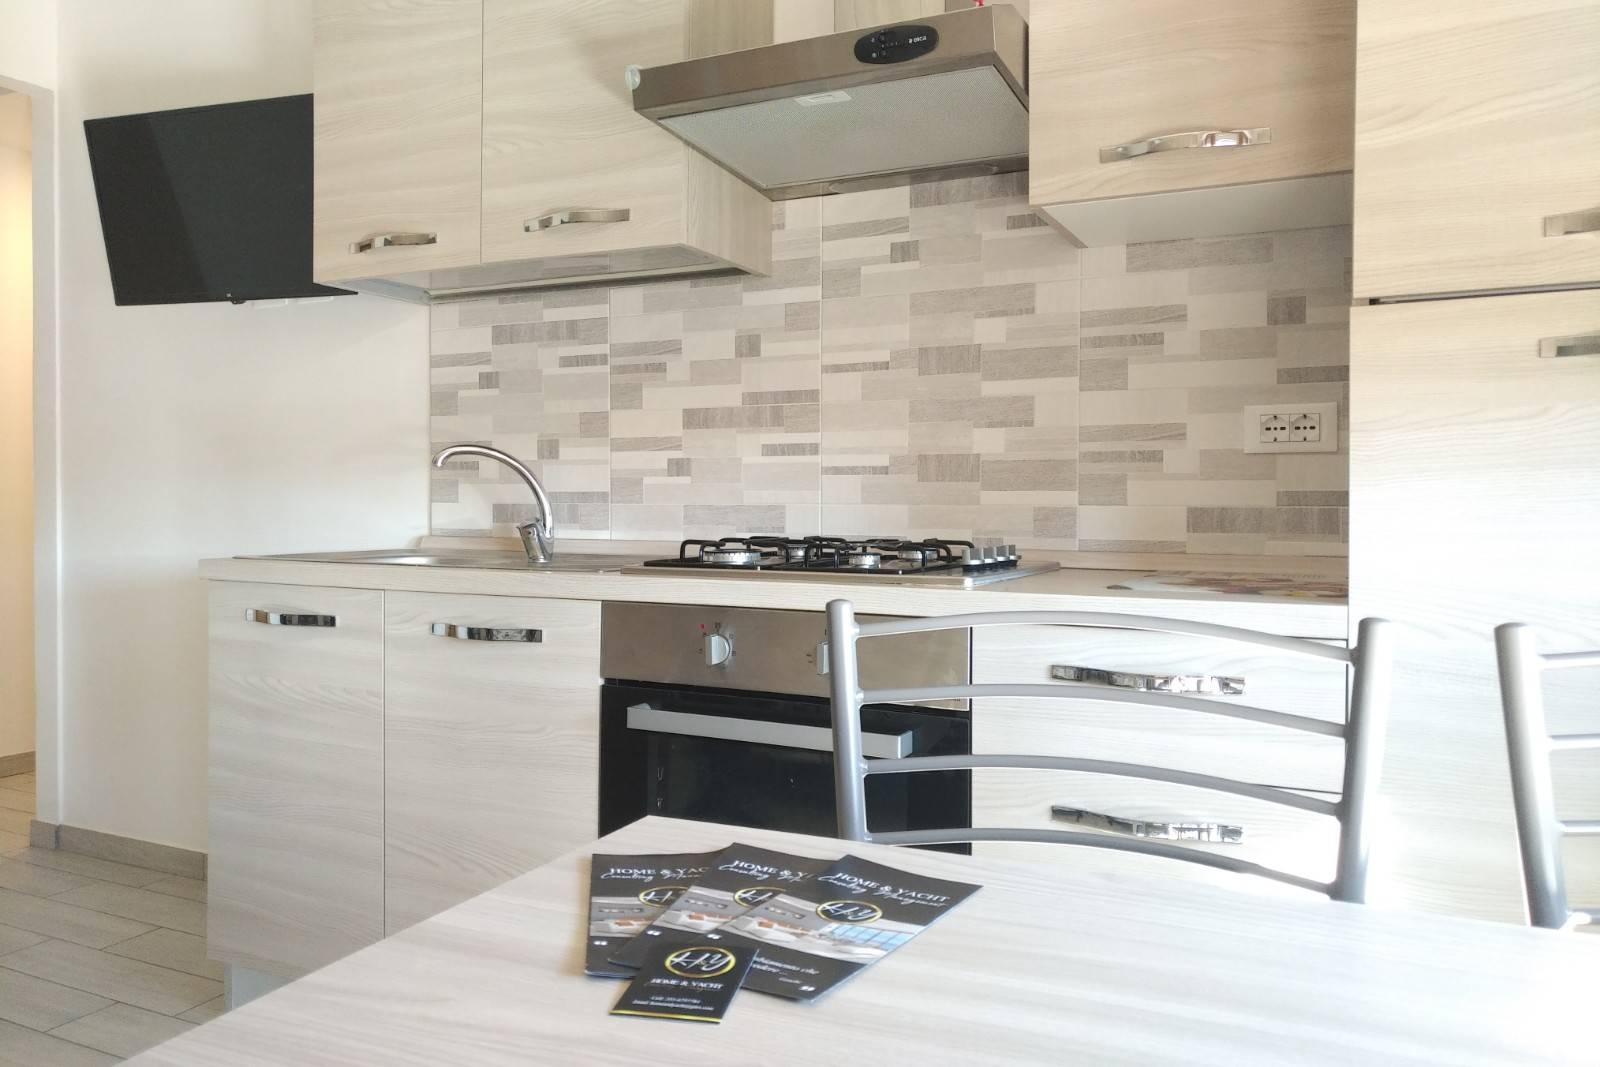 Appartamento in affitto a Ceriale, 1 locali, prezzo € 500 | PortaleAgenzieImmobiliari.it